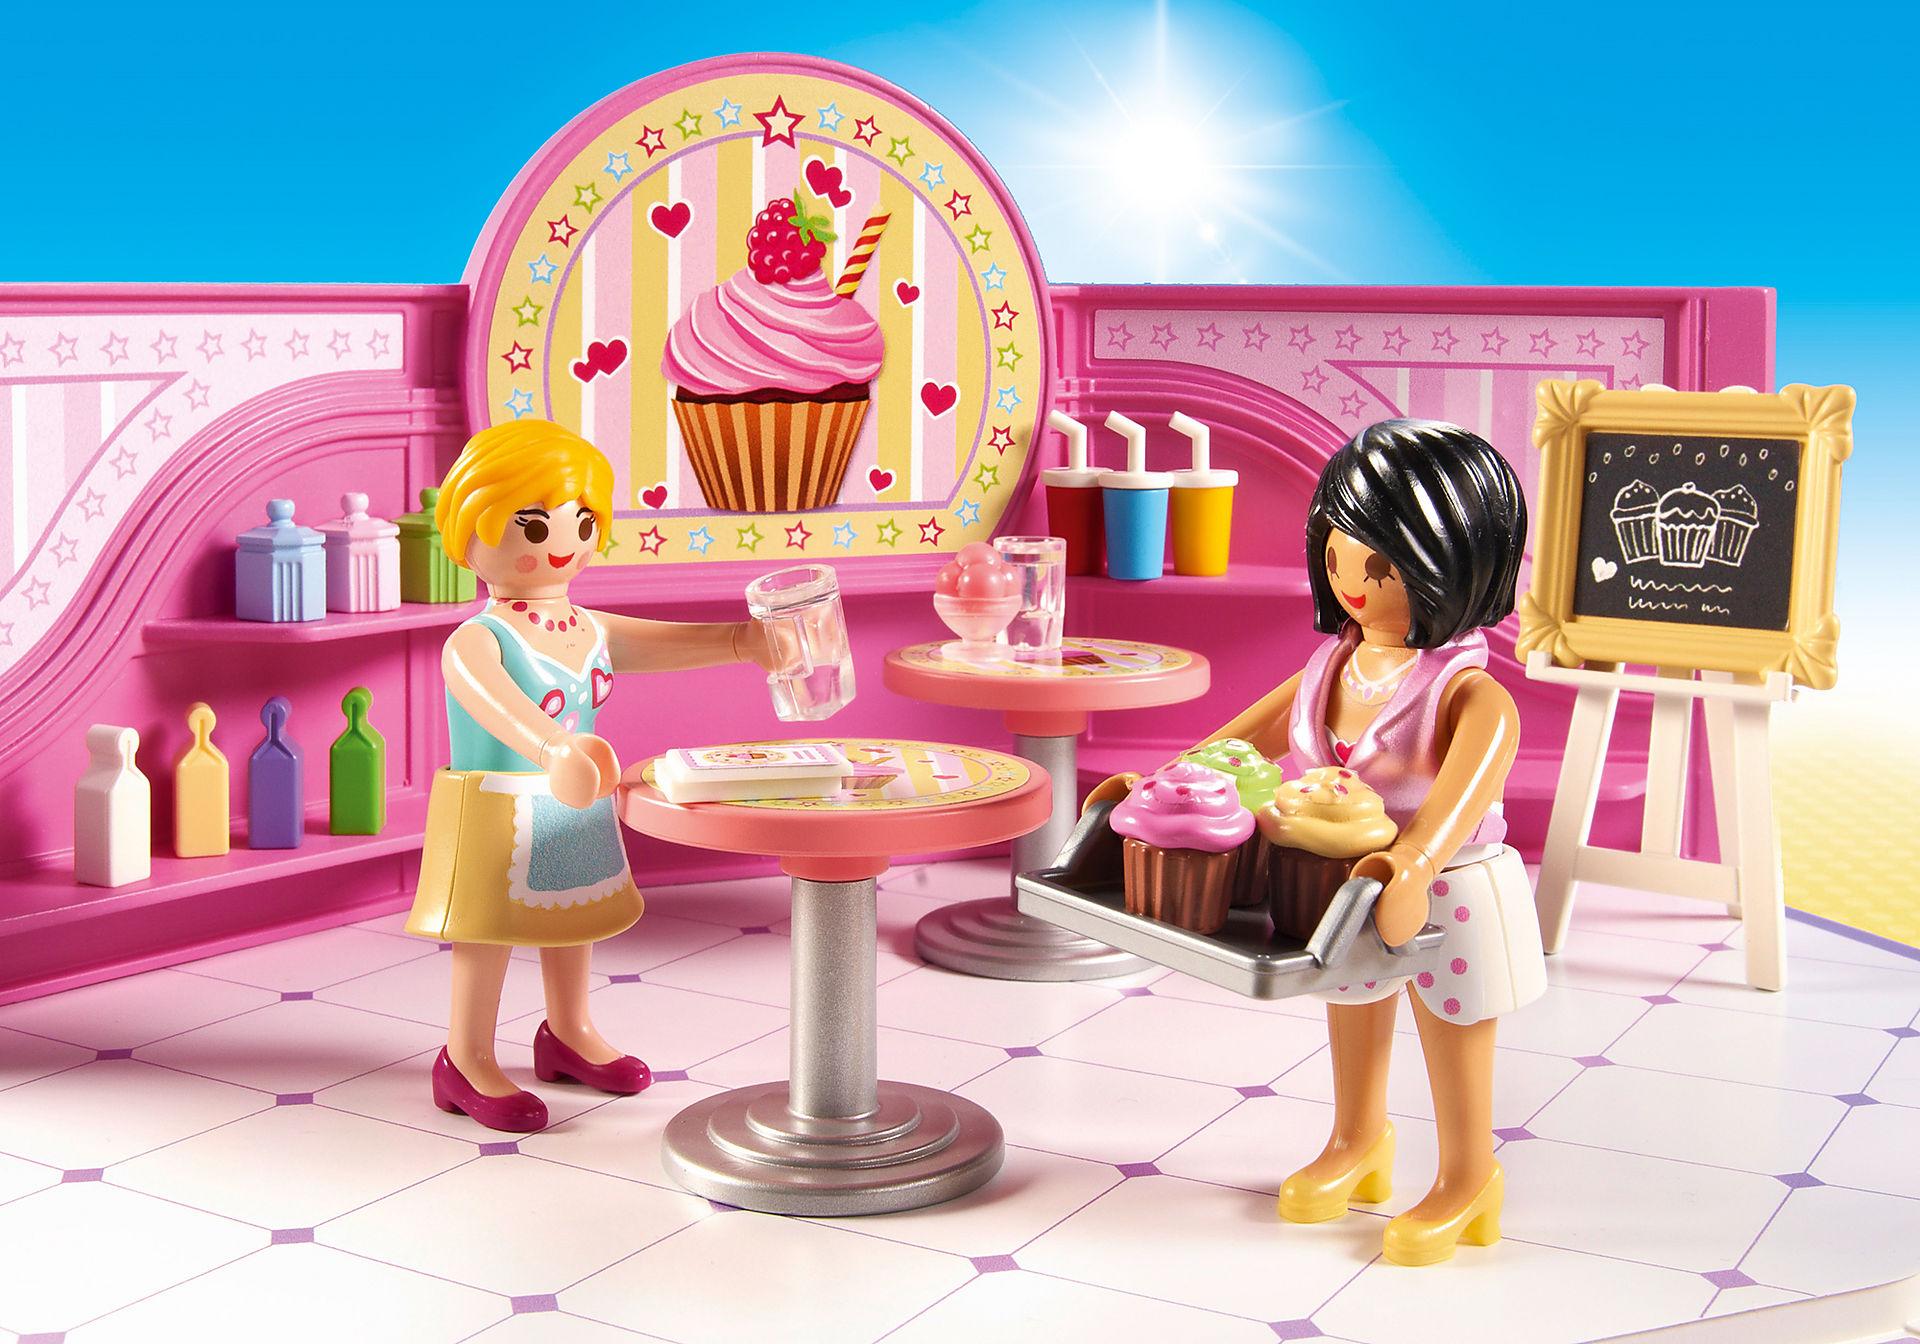 http://media.playmobil.com/i/playmobil/9080_product_extra2/Café 'Cupcake'